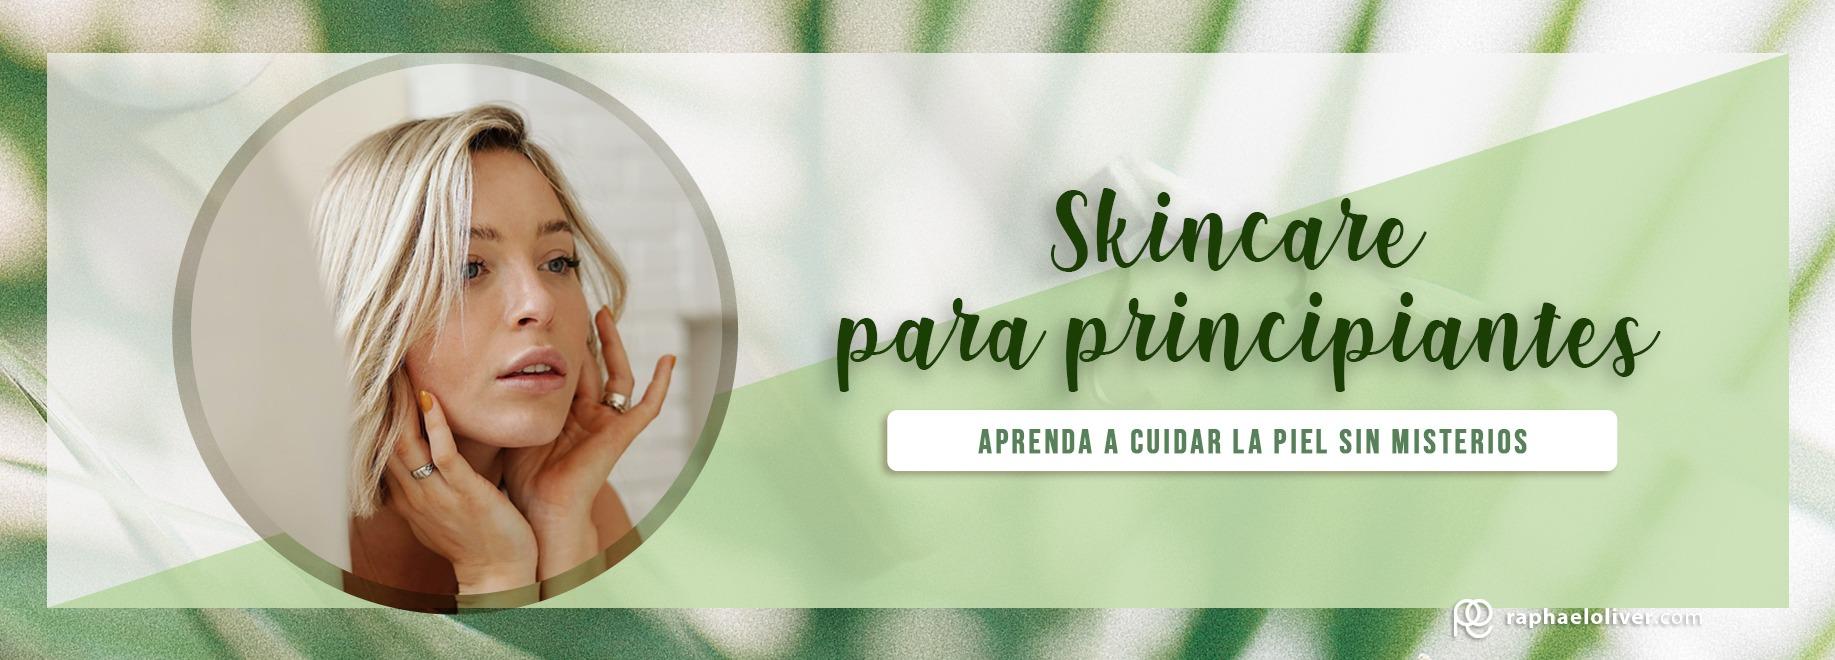 Skincare para principiantes: aprenda a cuidar la piel sin misterios